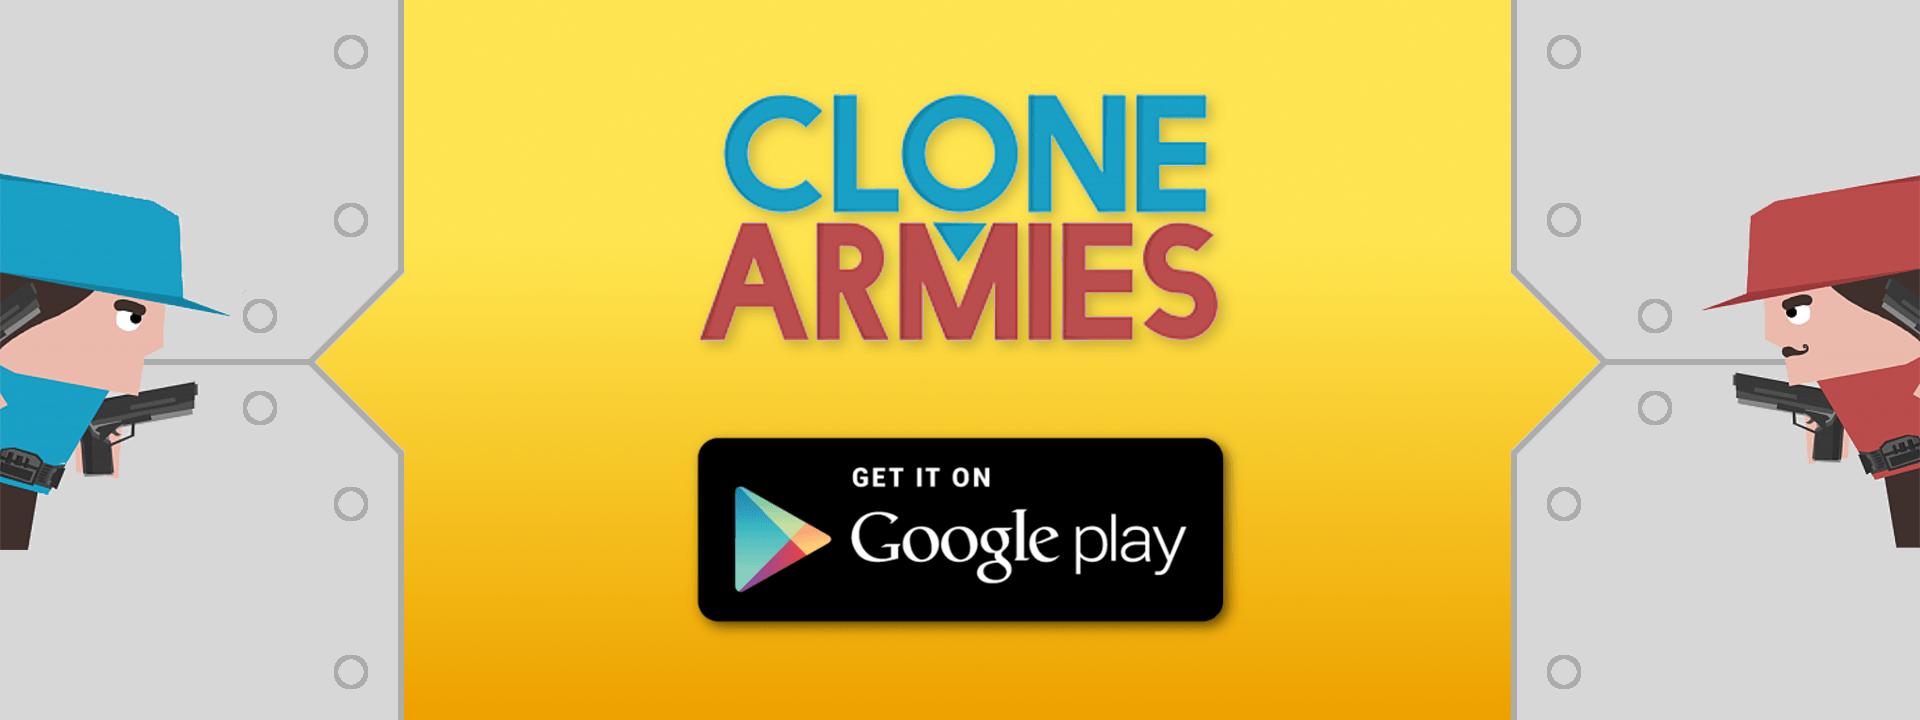 cloneArmiesBanner-1